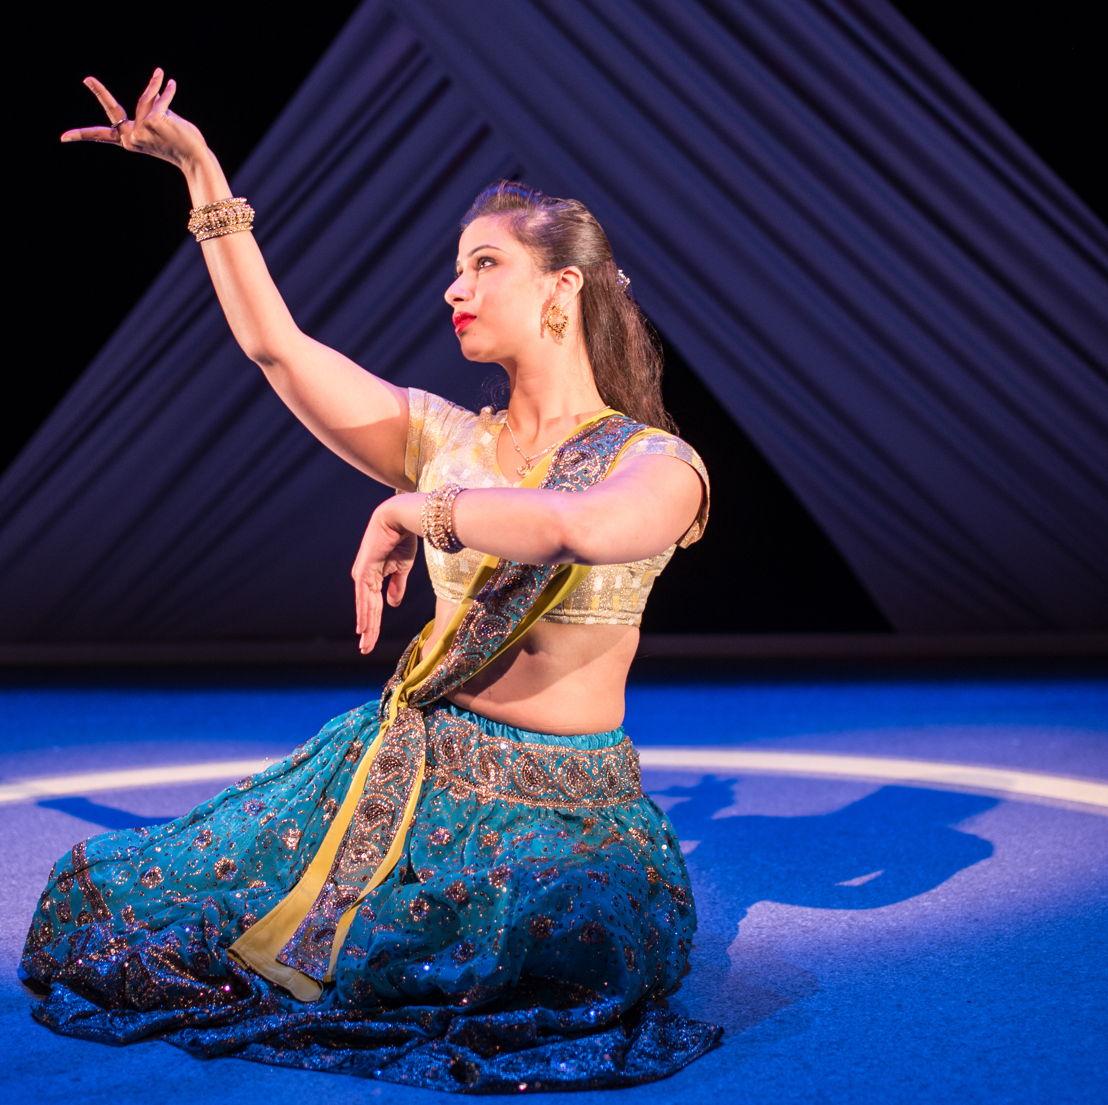 Anita Majumdar in The Fish Eyes Trilogy